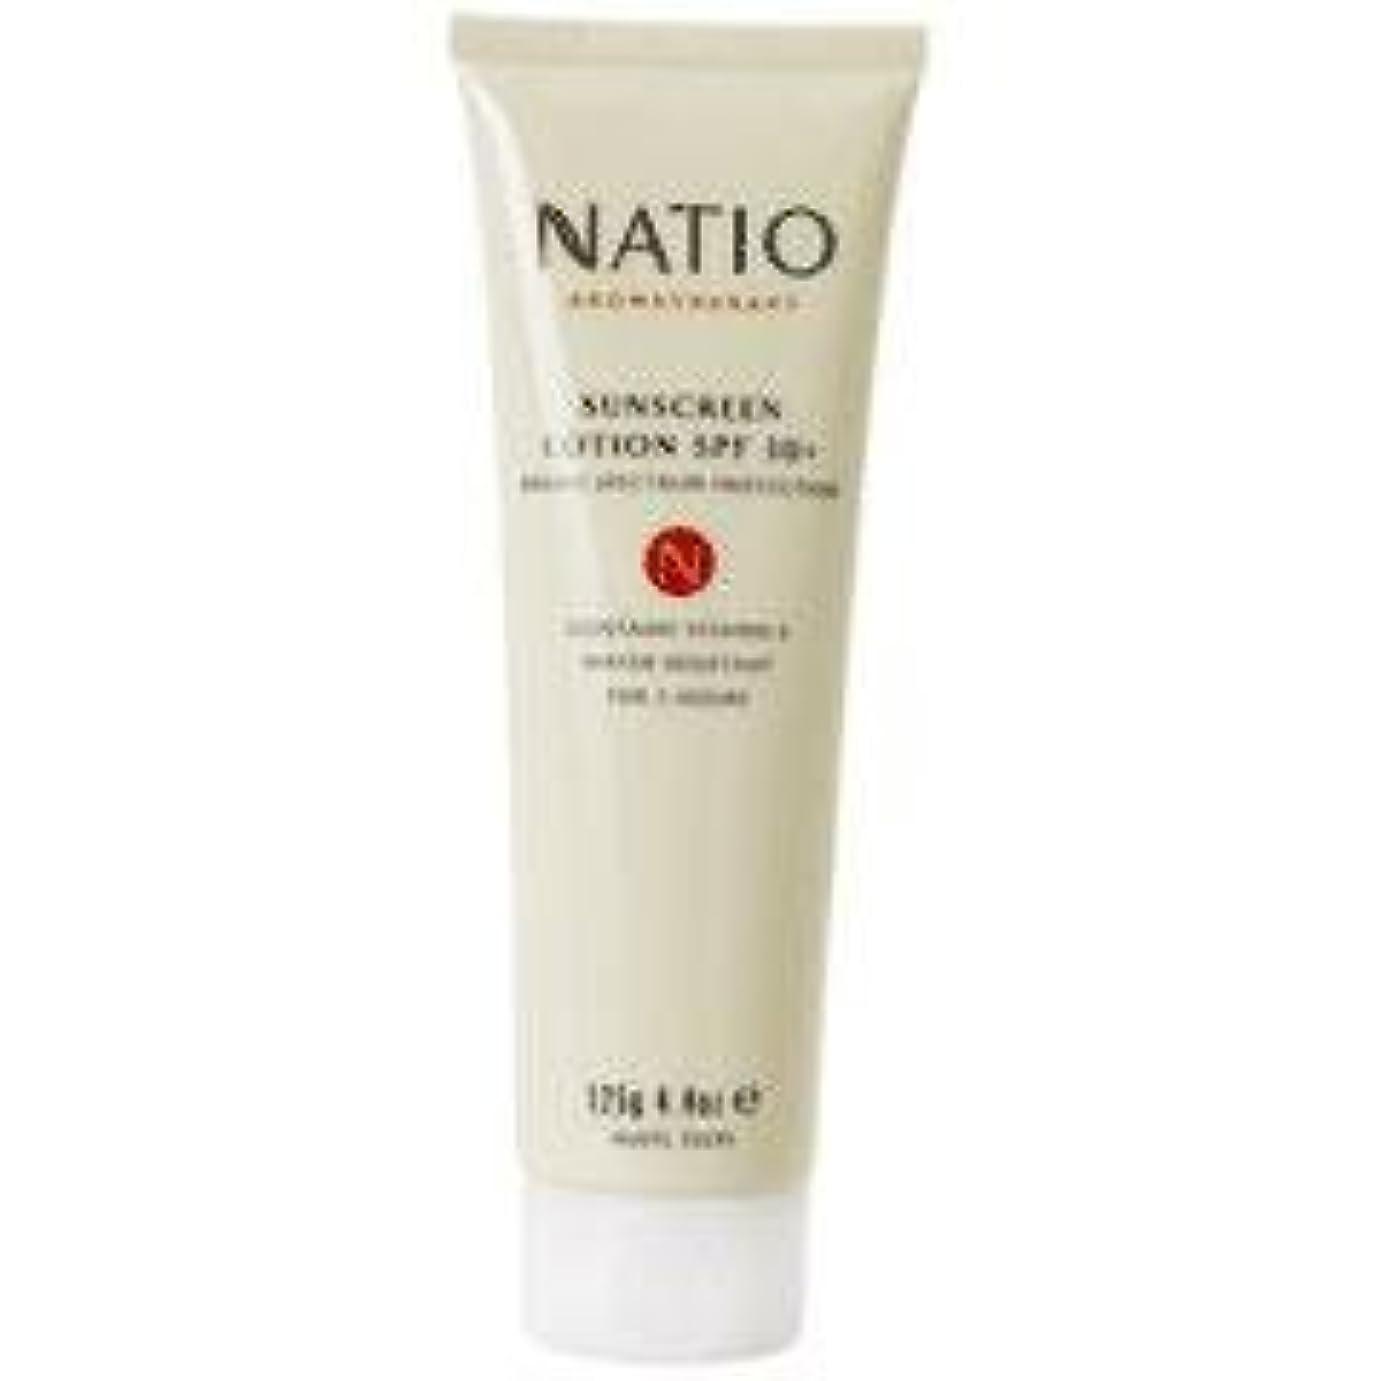 クリーナー残忍な計算する【NATIO Aromatherapy Sunscreen Lotion SPF30+】 ナティオ  日焼け止めクリーム SPF30+ [海外直送品]